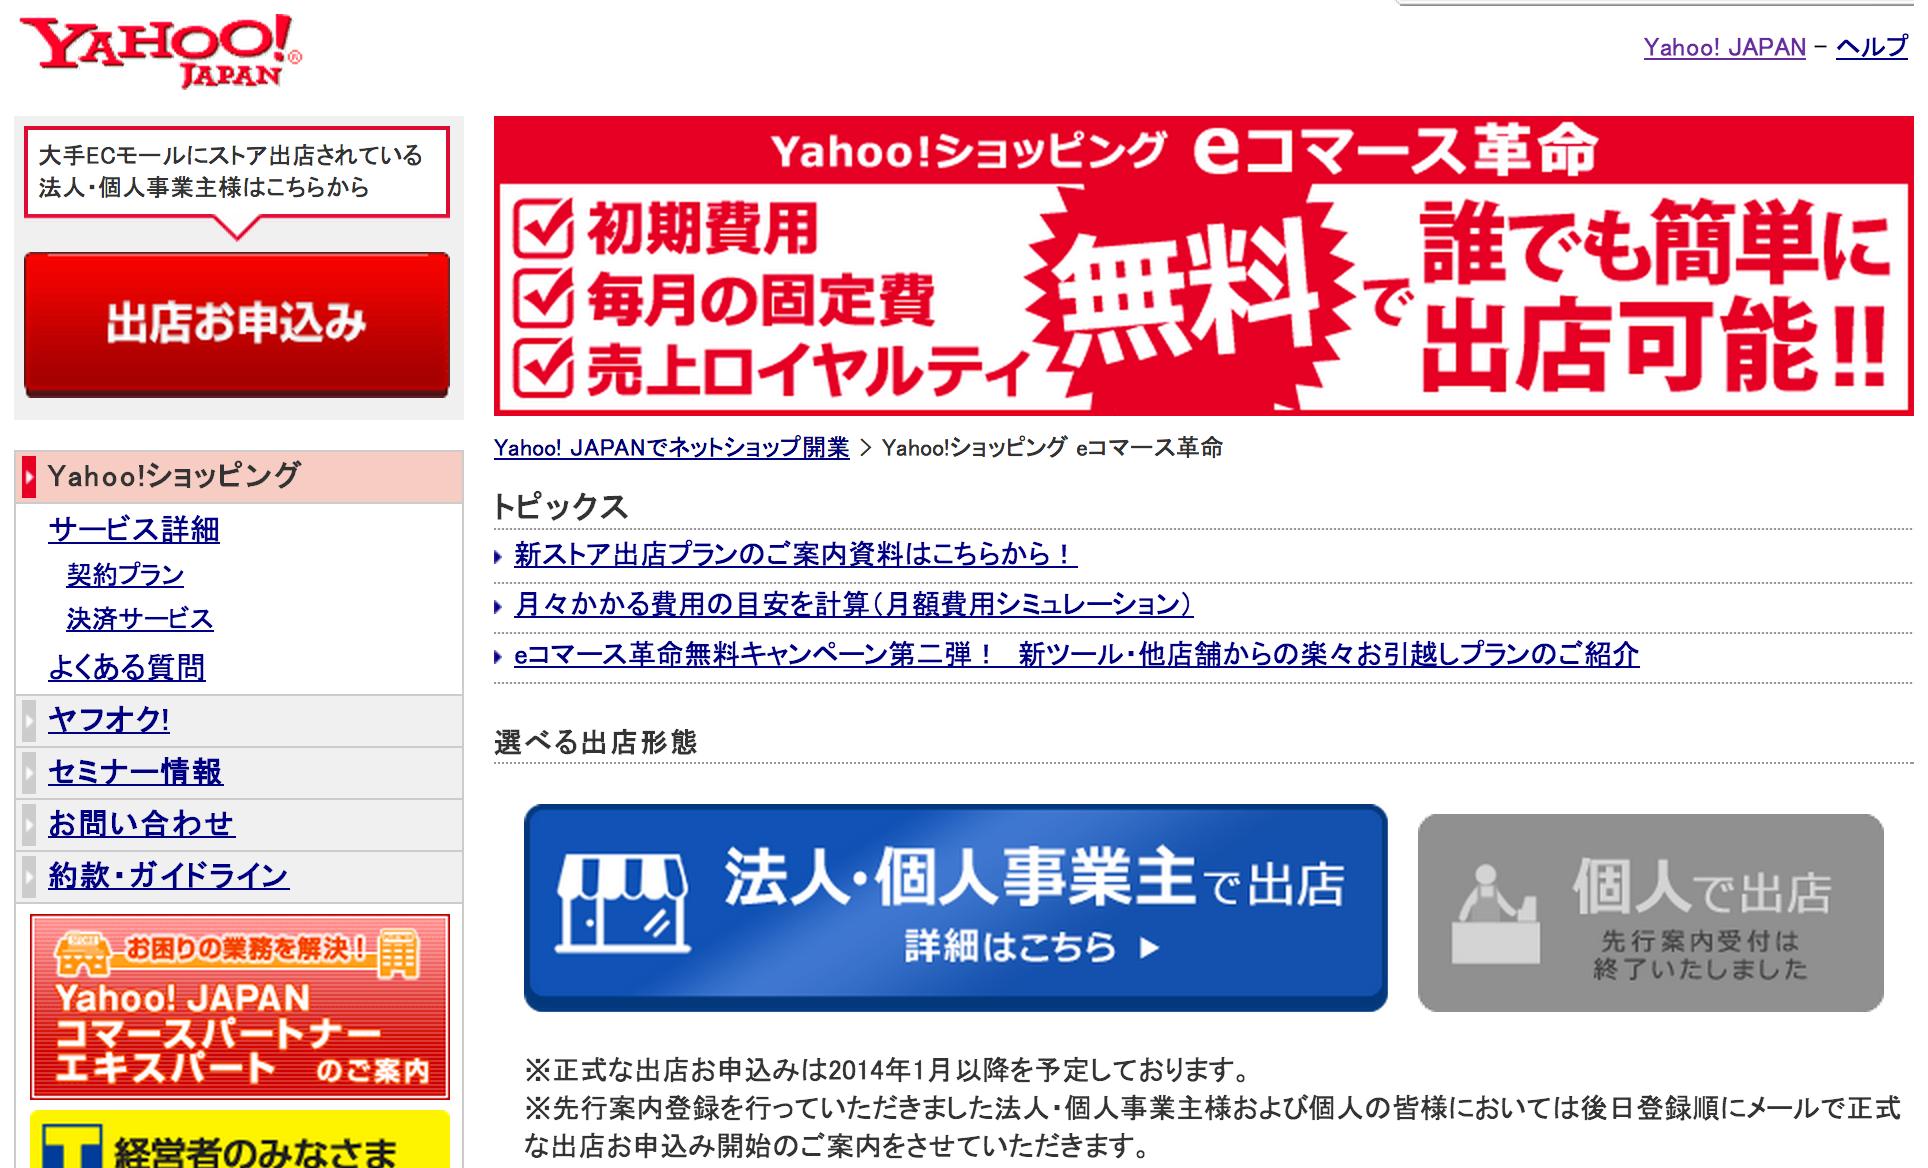 Yahoo_ショッピング_eコマース革命